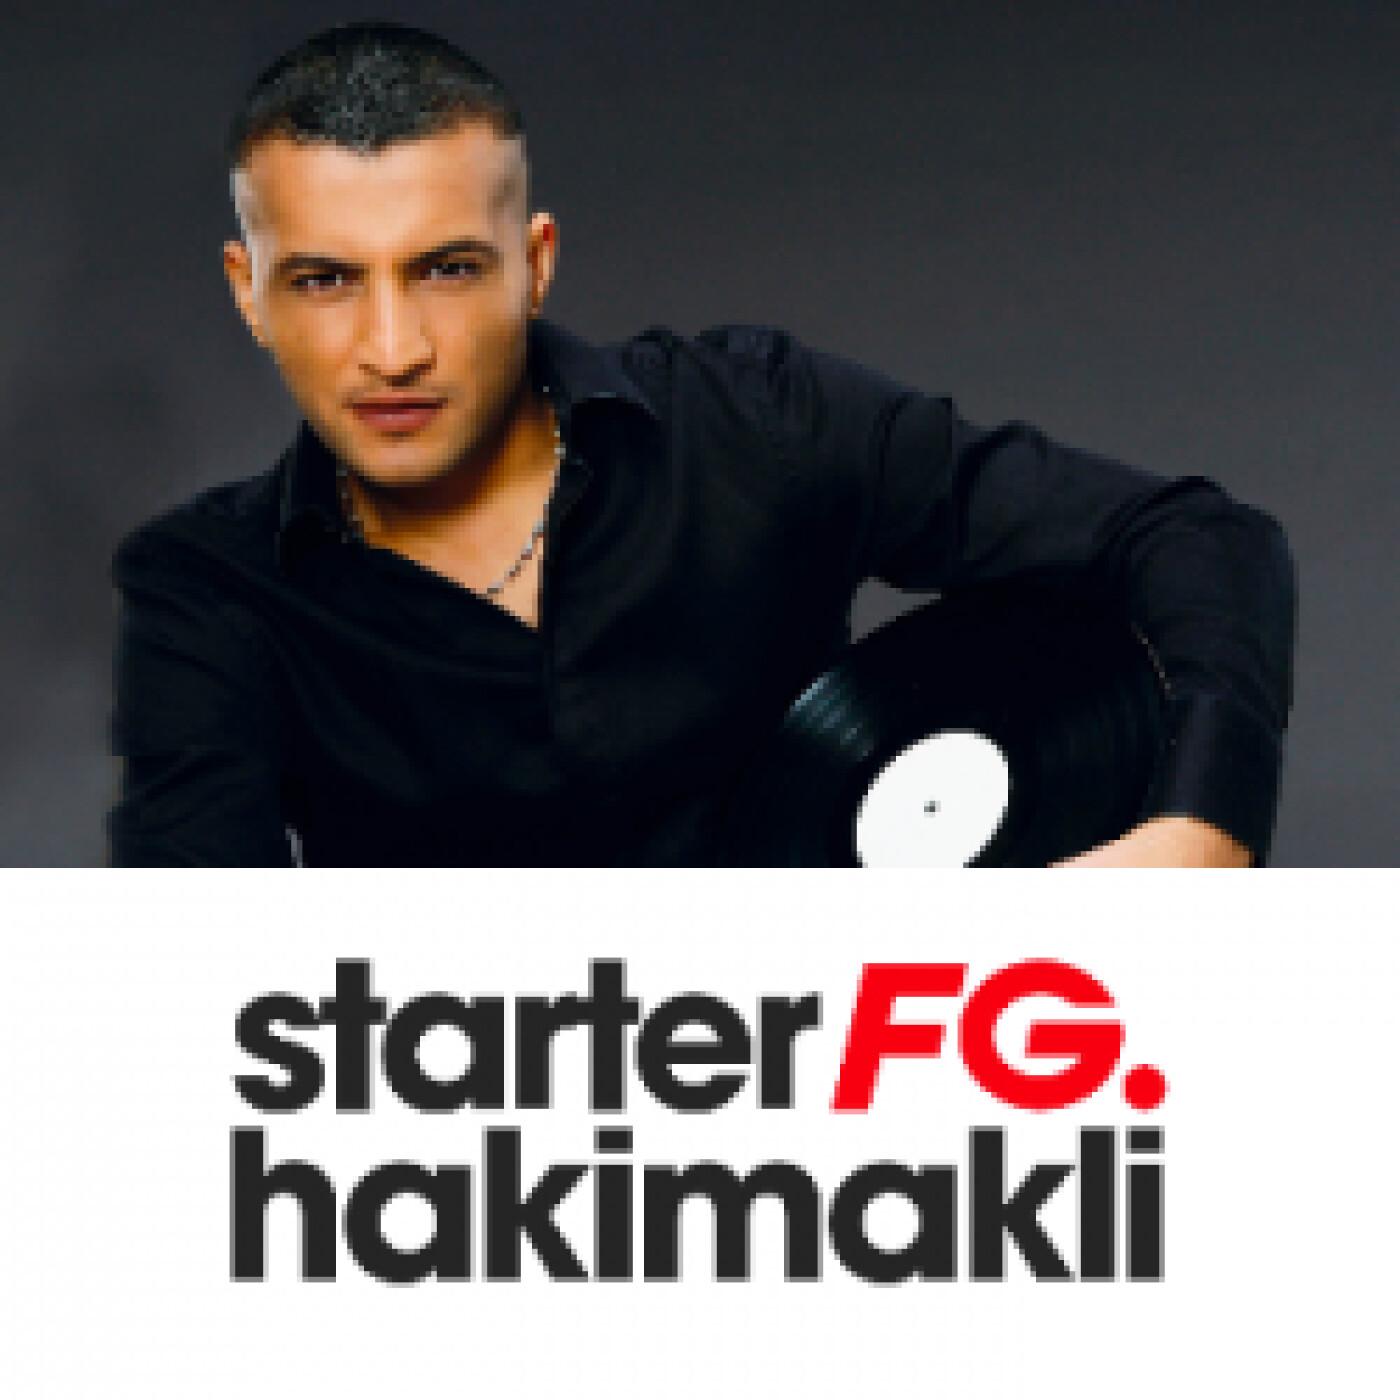 STARTER FG BY HAKIMAKLI LUNDI 31 MAI 2021